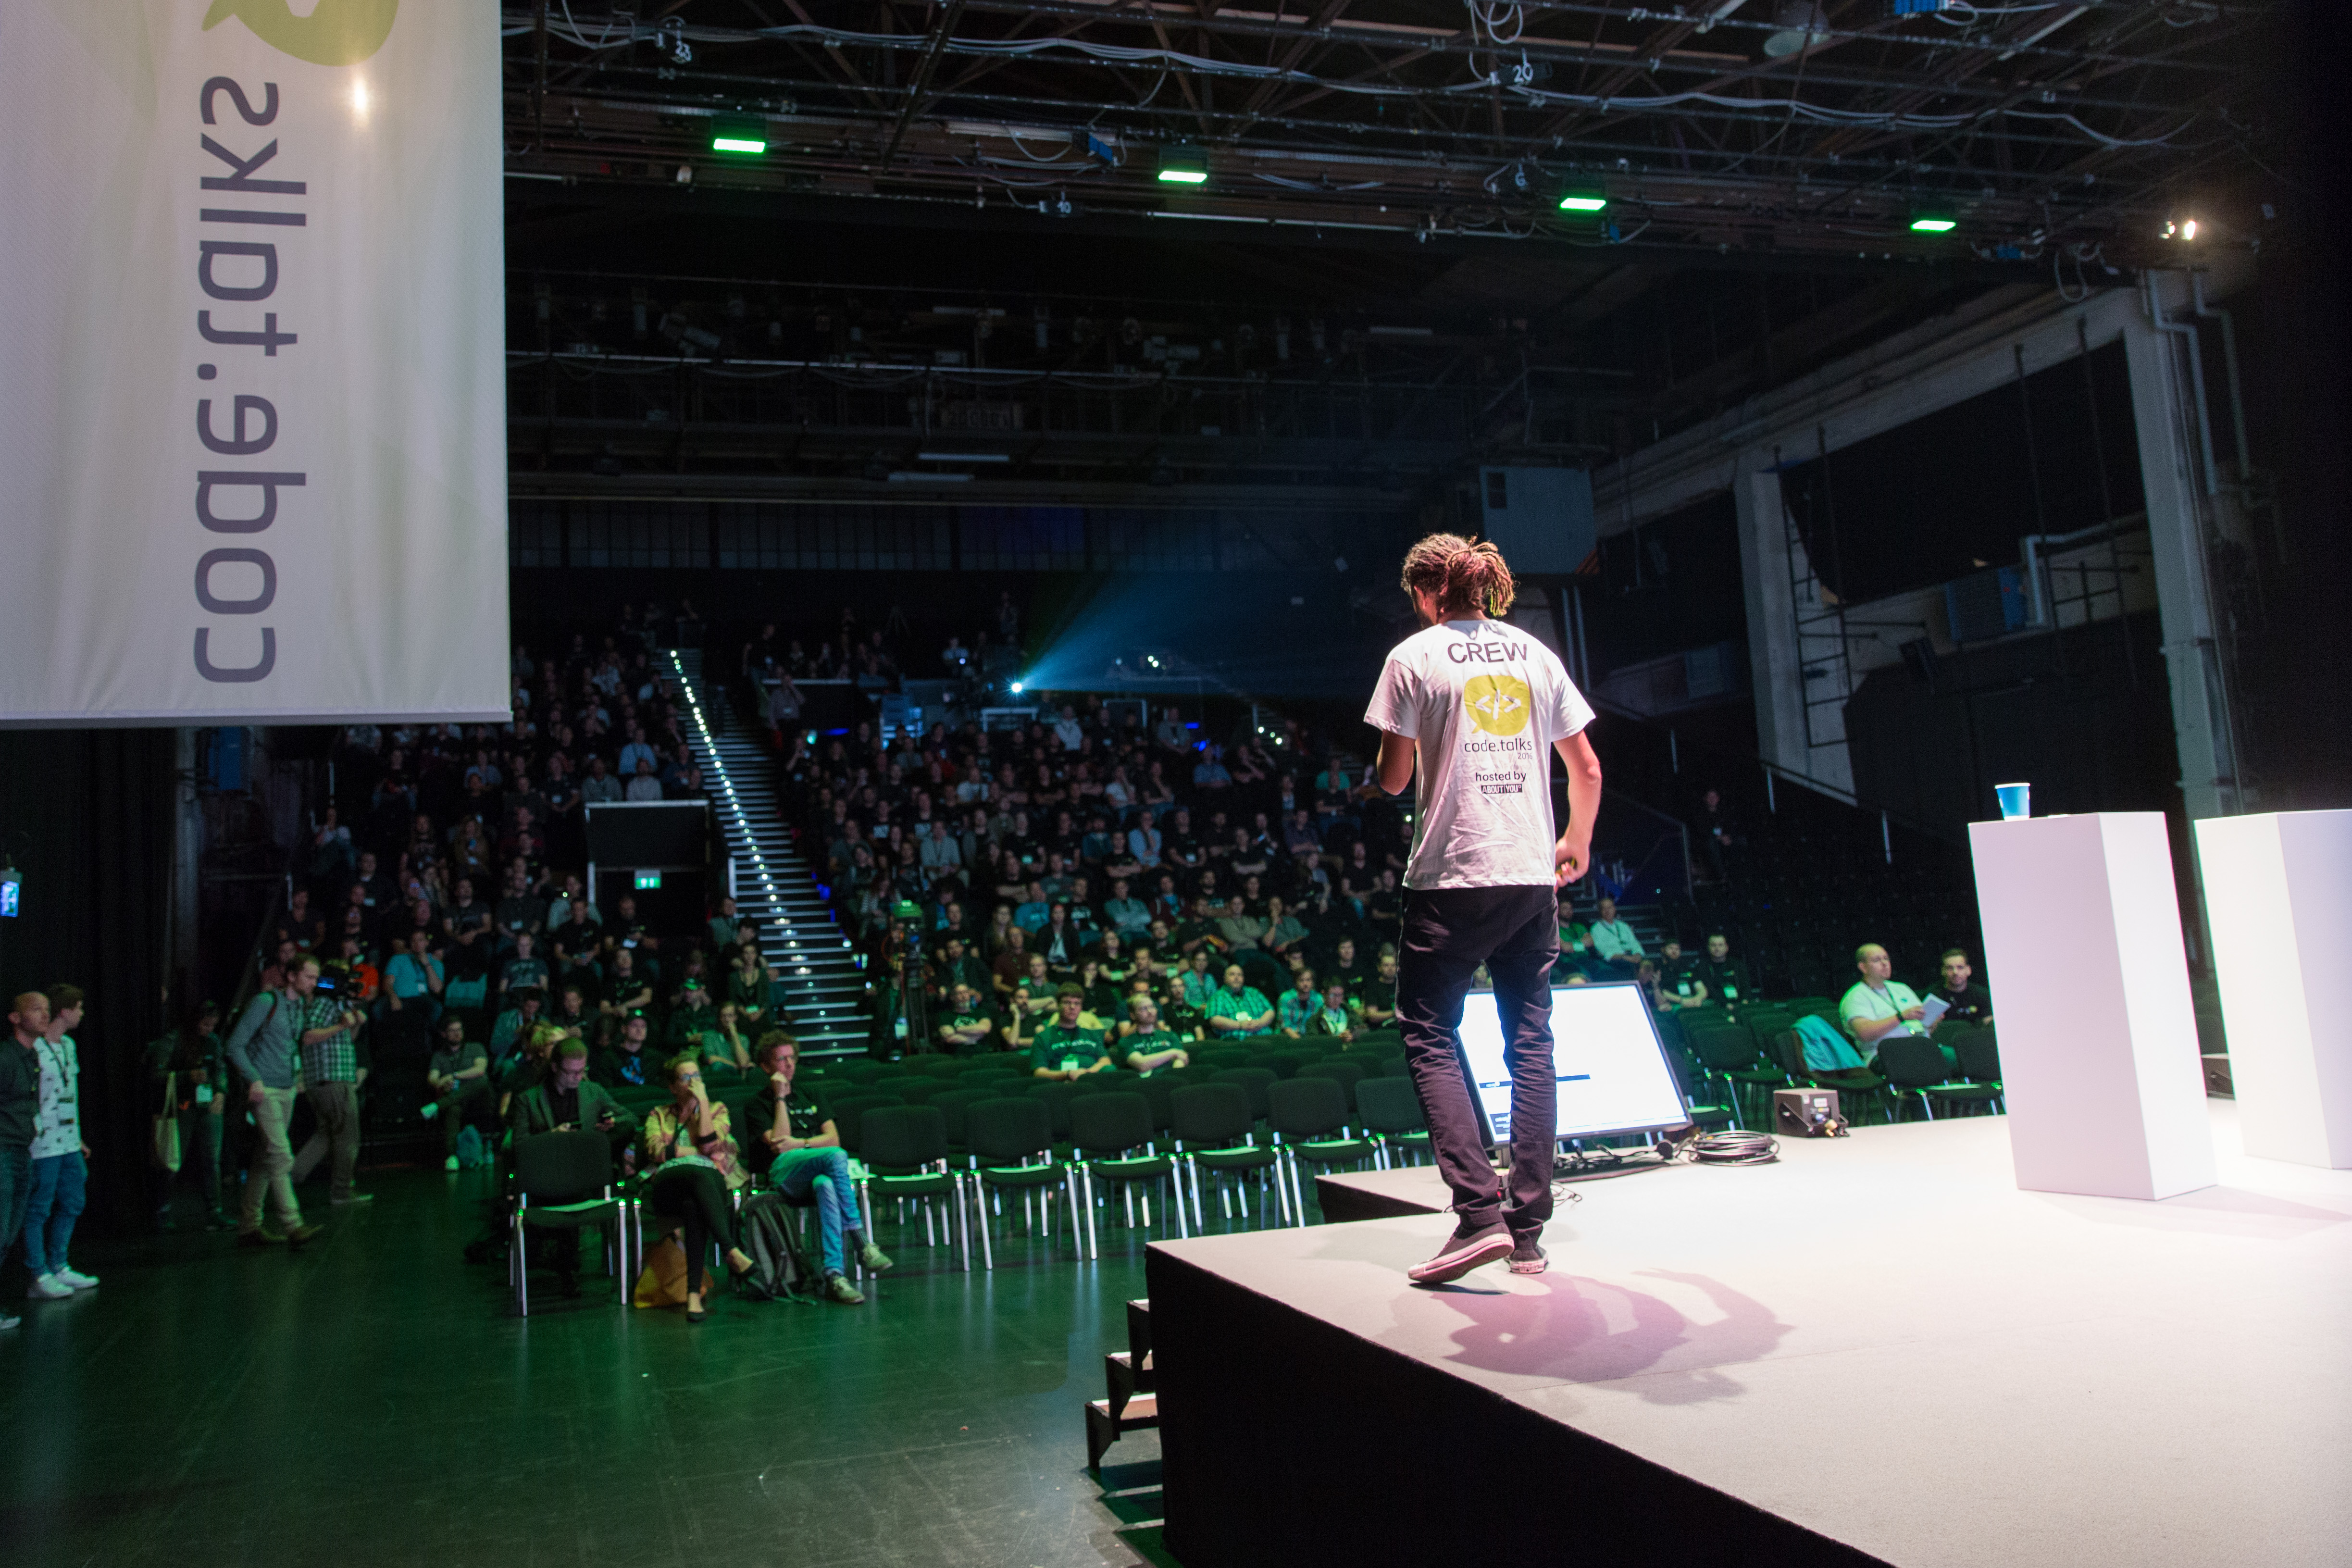 code.talks commerce special 2017 - eine Konferenz für E-Commerce Entwickler, aber nicht ausschließlich!